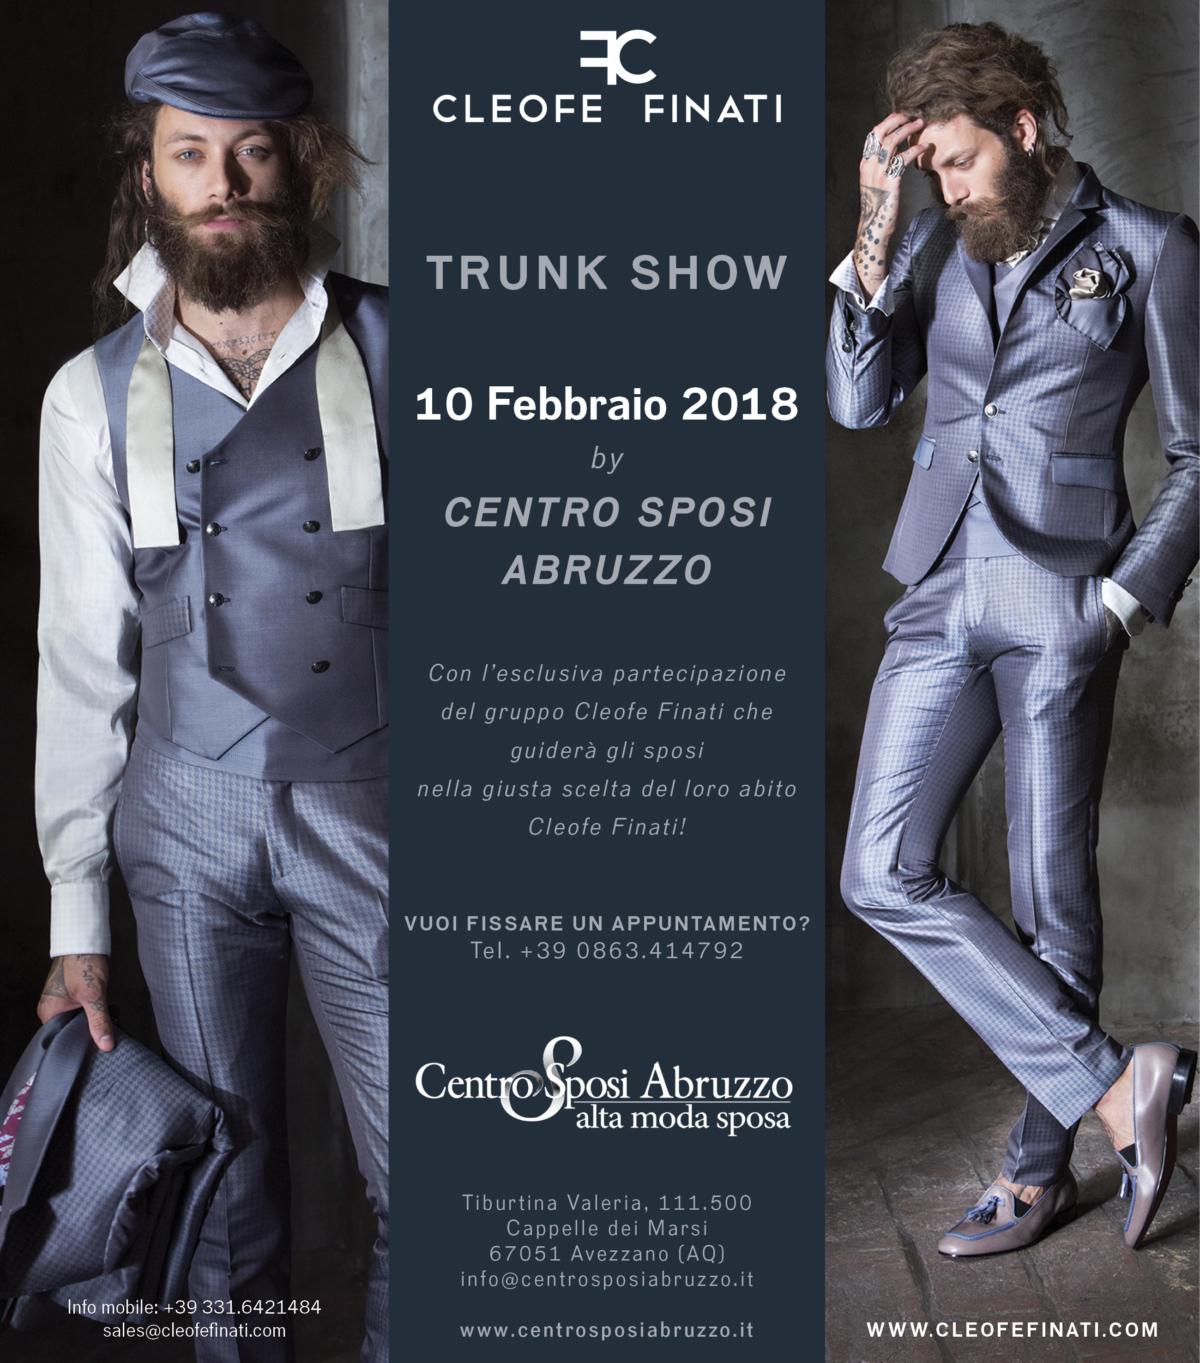 Trunk Show Cleofe Finati presso Centro Sposi Abruzzo